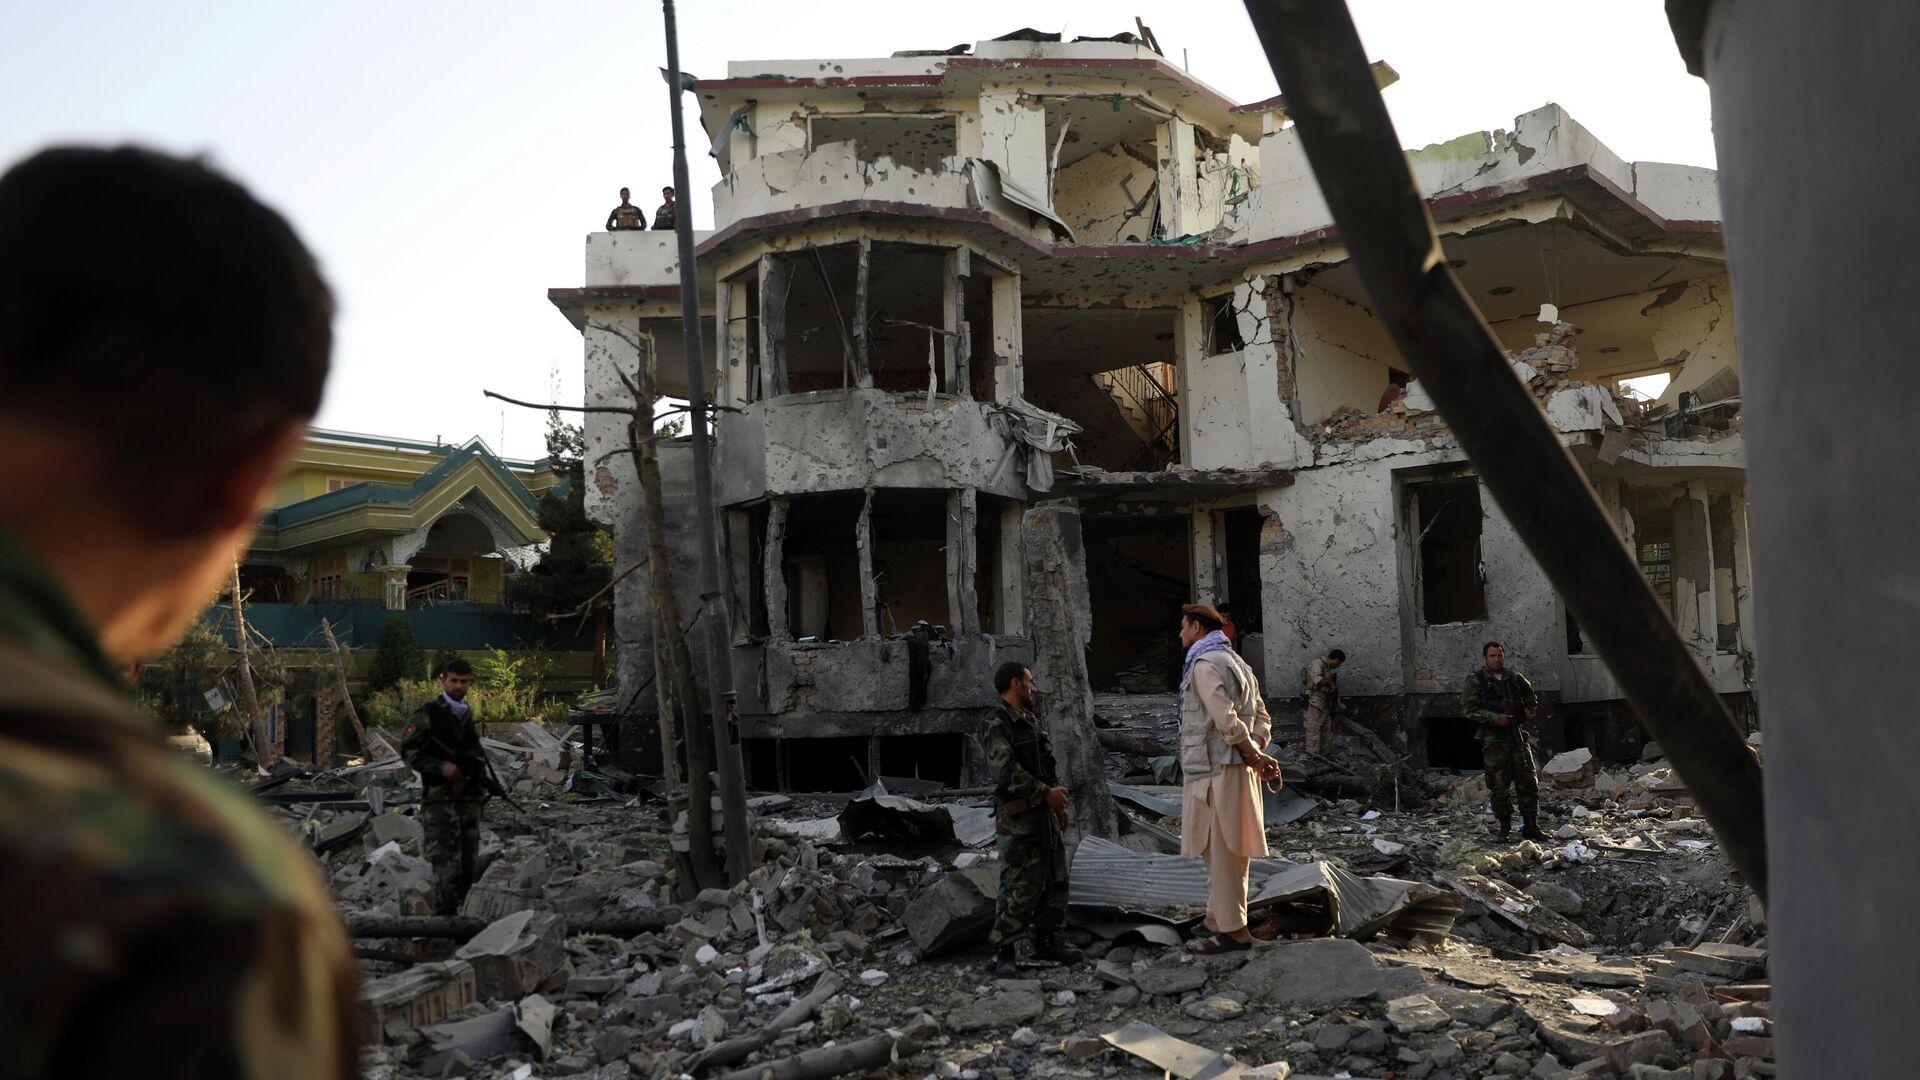 Сотрудники службы безопасности Афганистана осматривают здание, поврежденное после подрыва автомобиля в Кабуле - РИА Новости, 1920, 04.08.2021